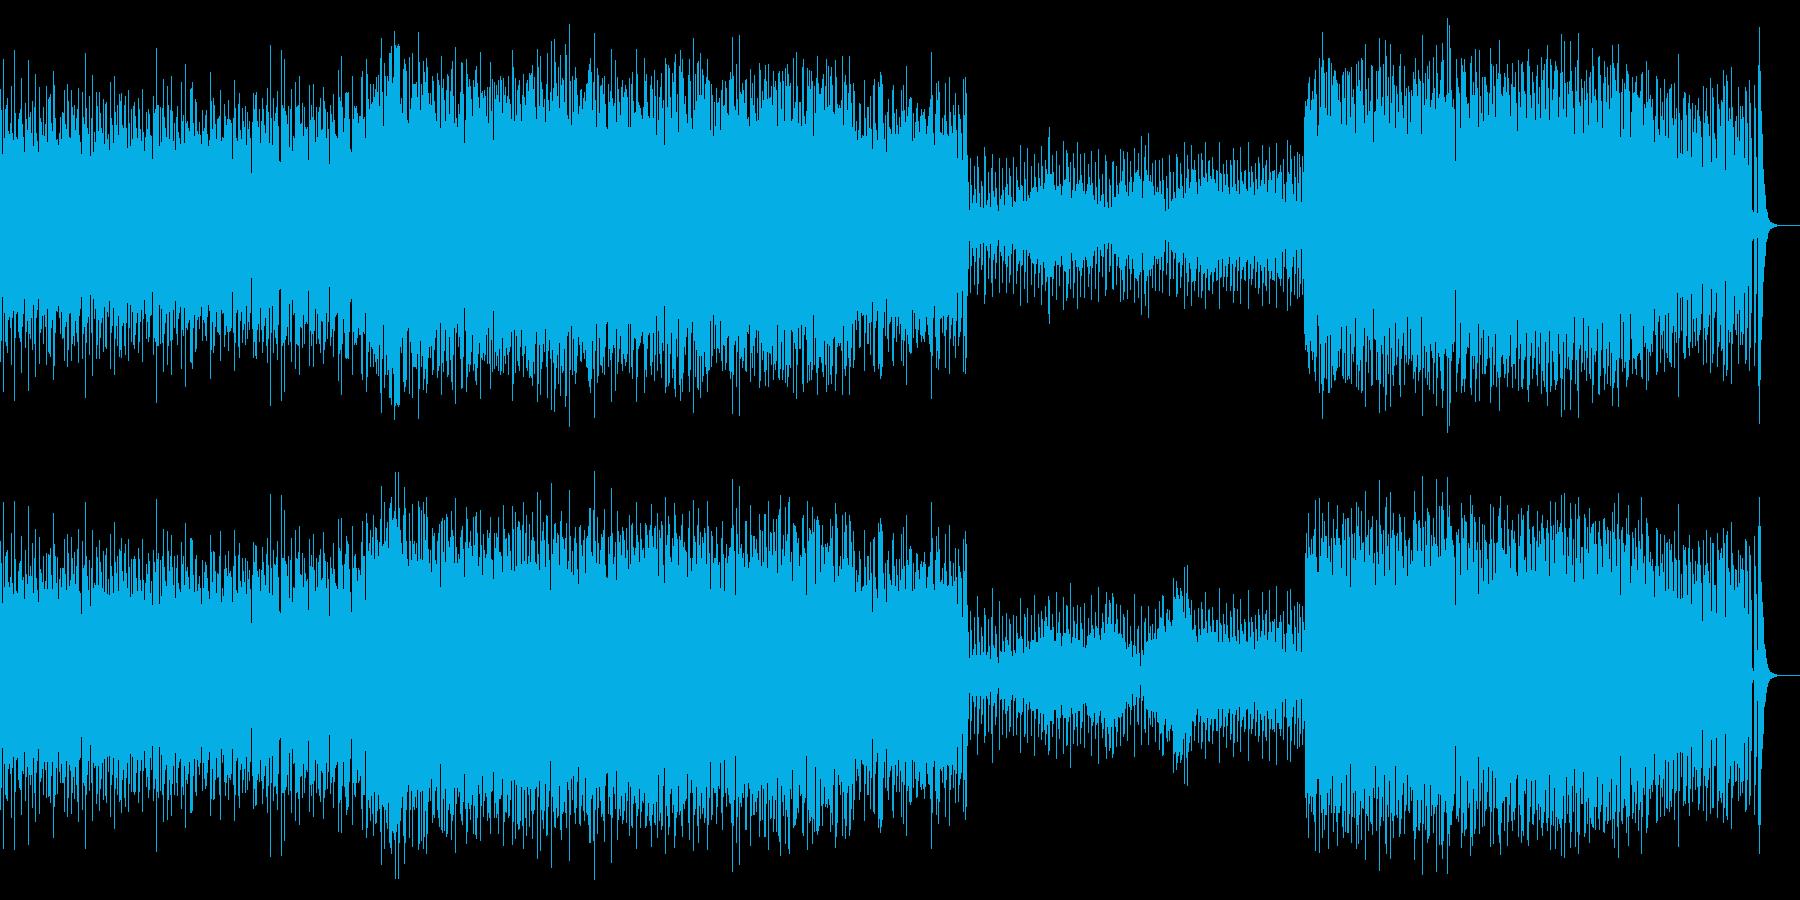 近未来感があるEDMの再生済みの波形